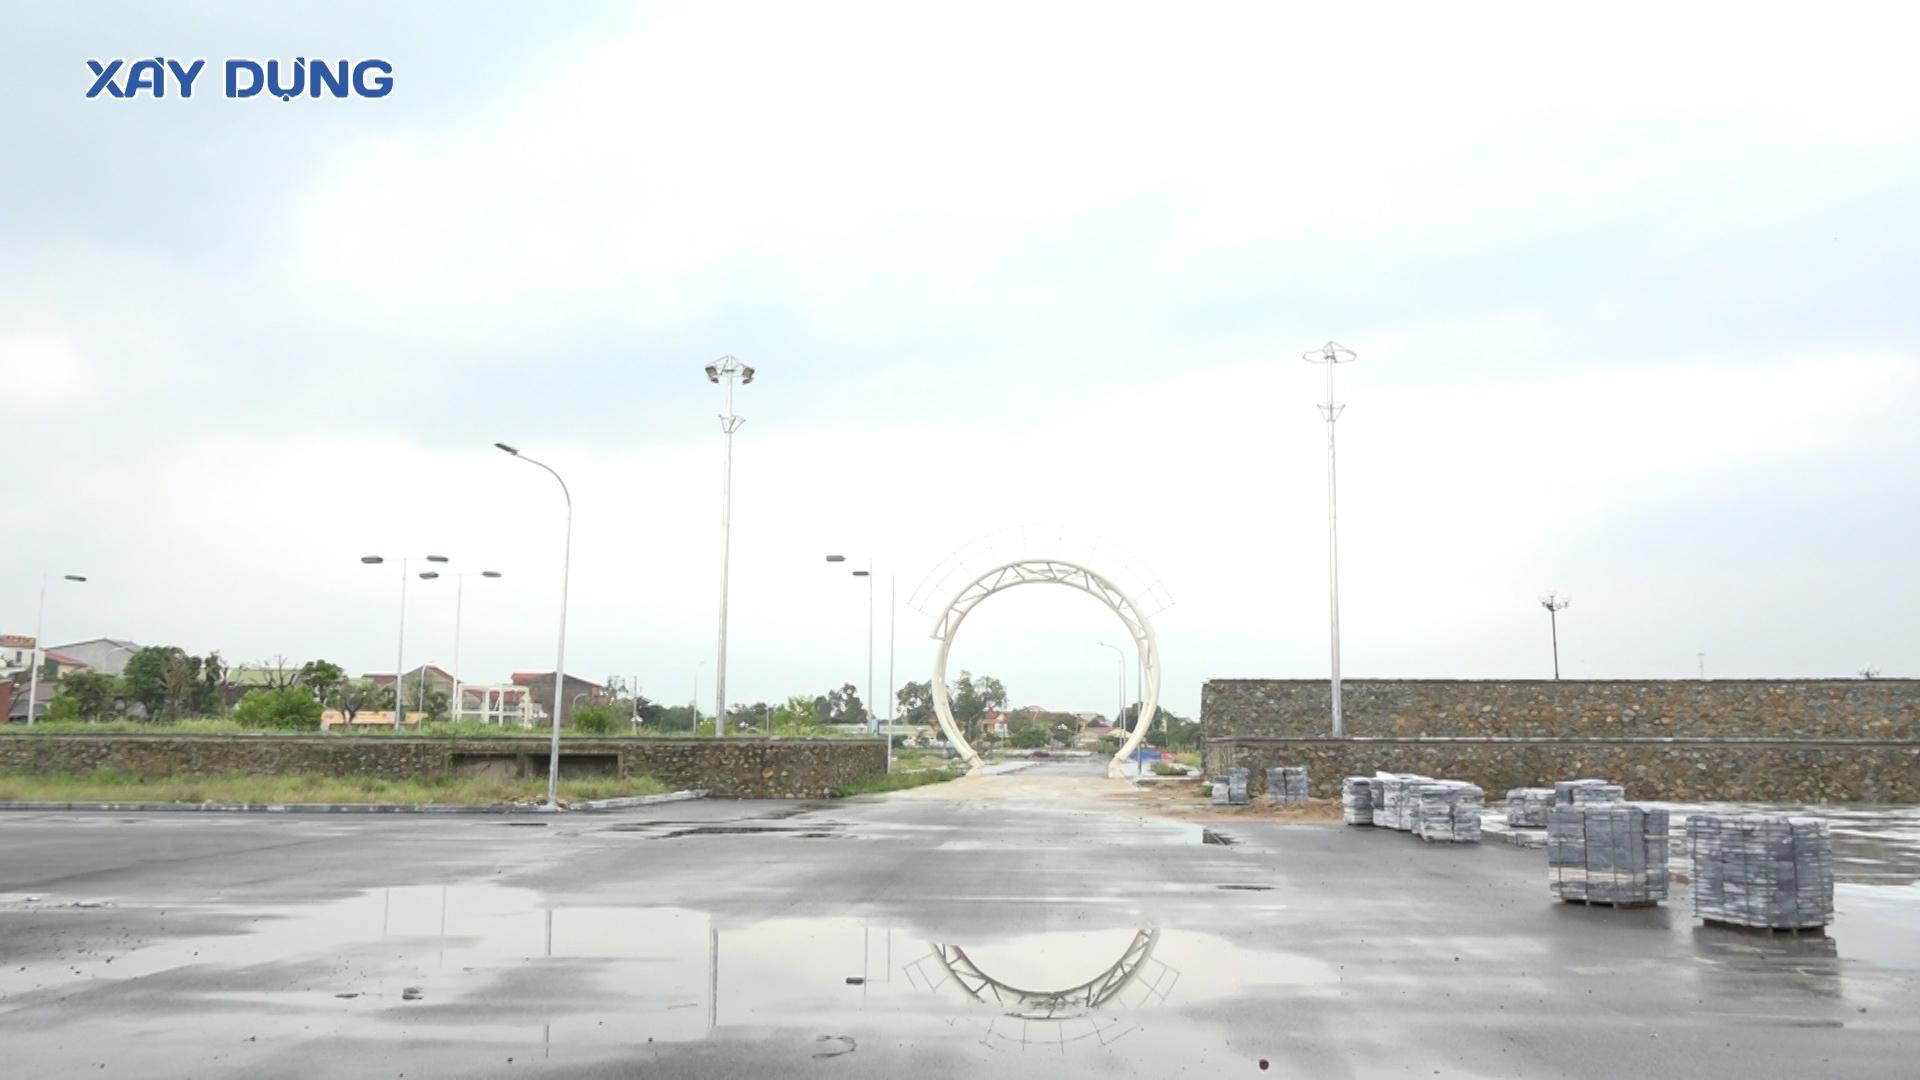 Nghệ An: Công viên gần 49 tỷ đồng có như kỳ vọng?